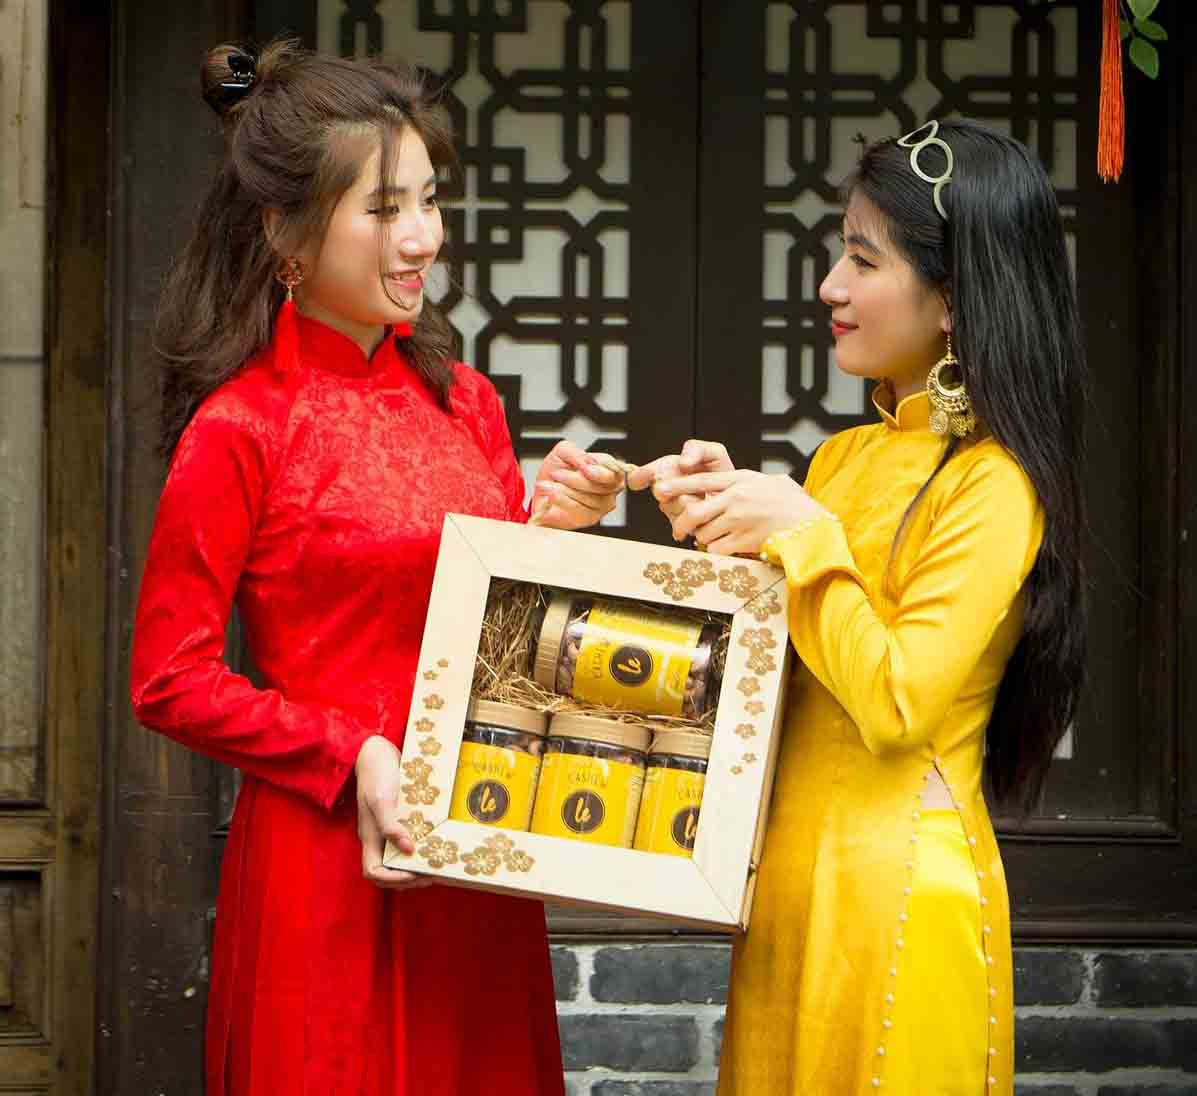 Hộp quà 2kg hạt điều đựng trong hộp gỗ dùng để biếu